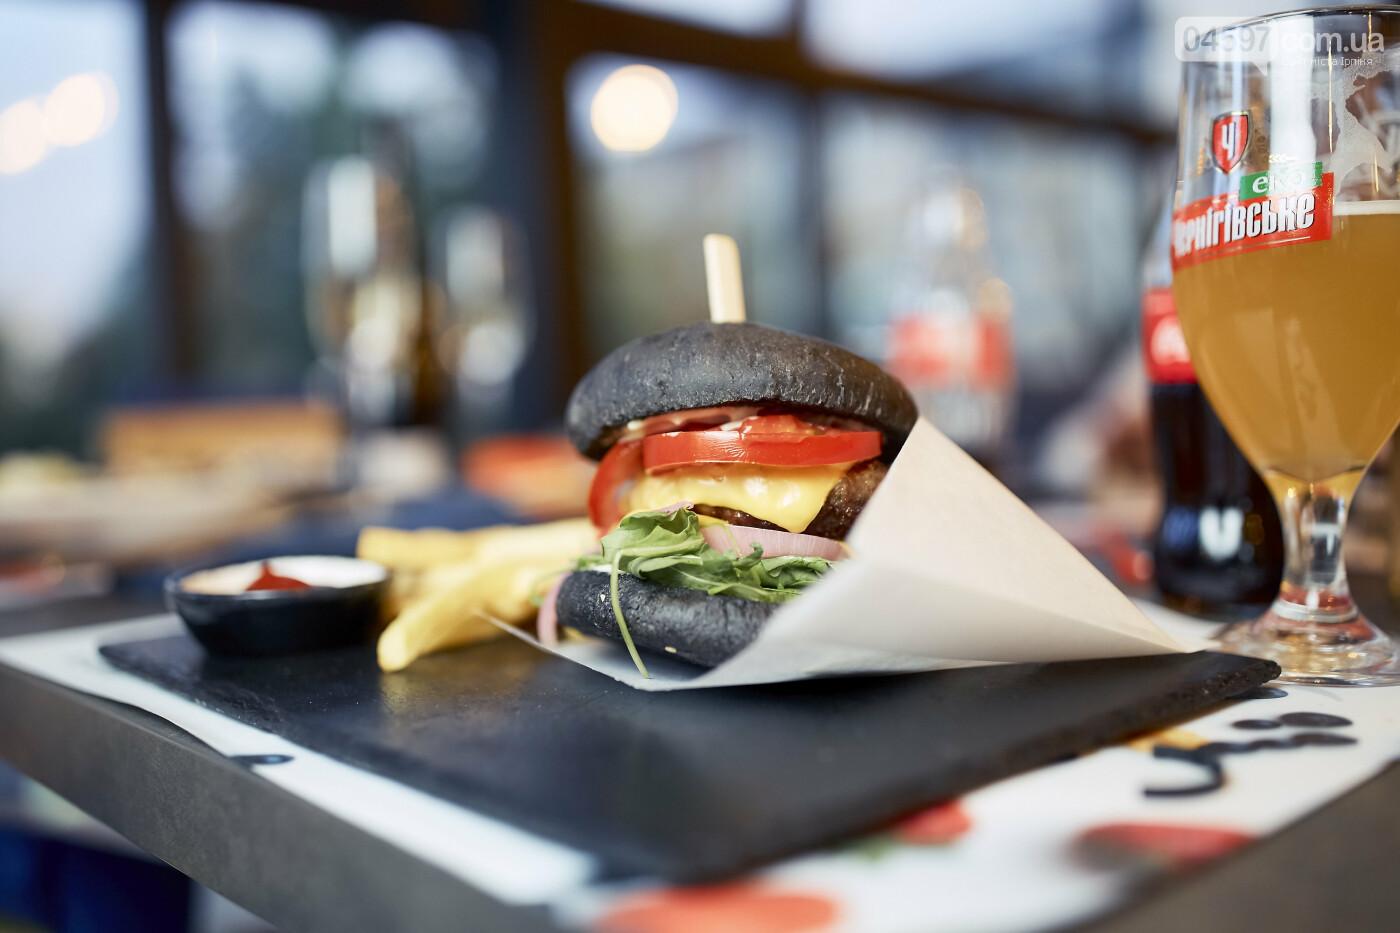 Hanami restaurant & bar Ірпінь дарує знижку 10% на все меню, фото-3